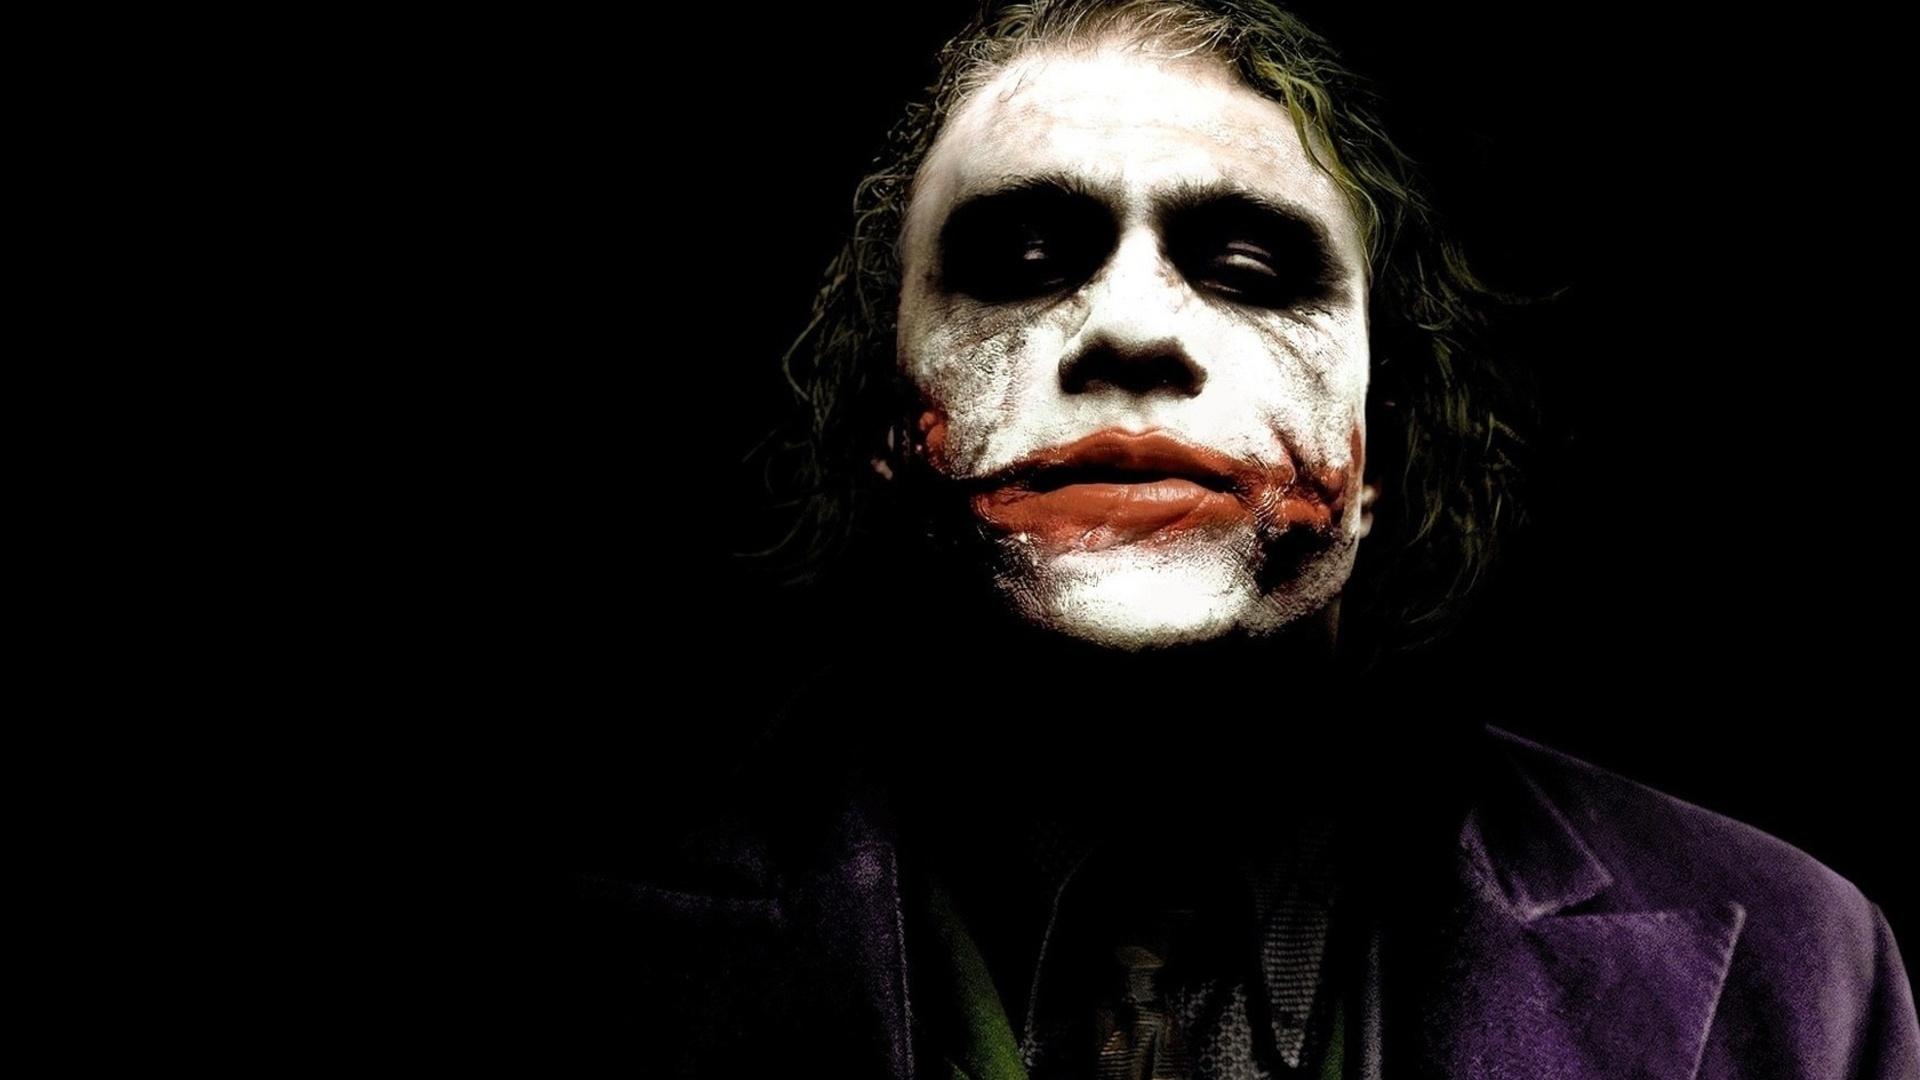 HD Heath Ledger Joker Wallpaper Download High Resolution 1920x1080